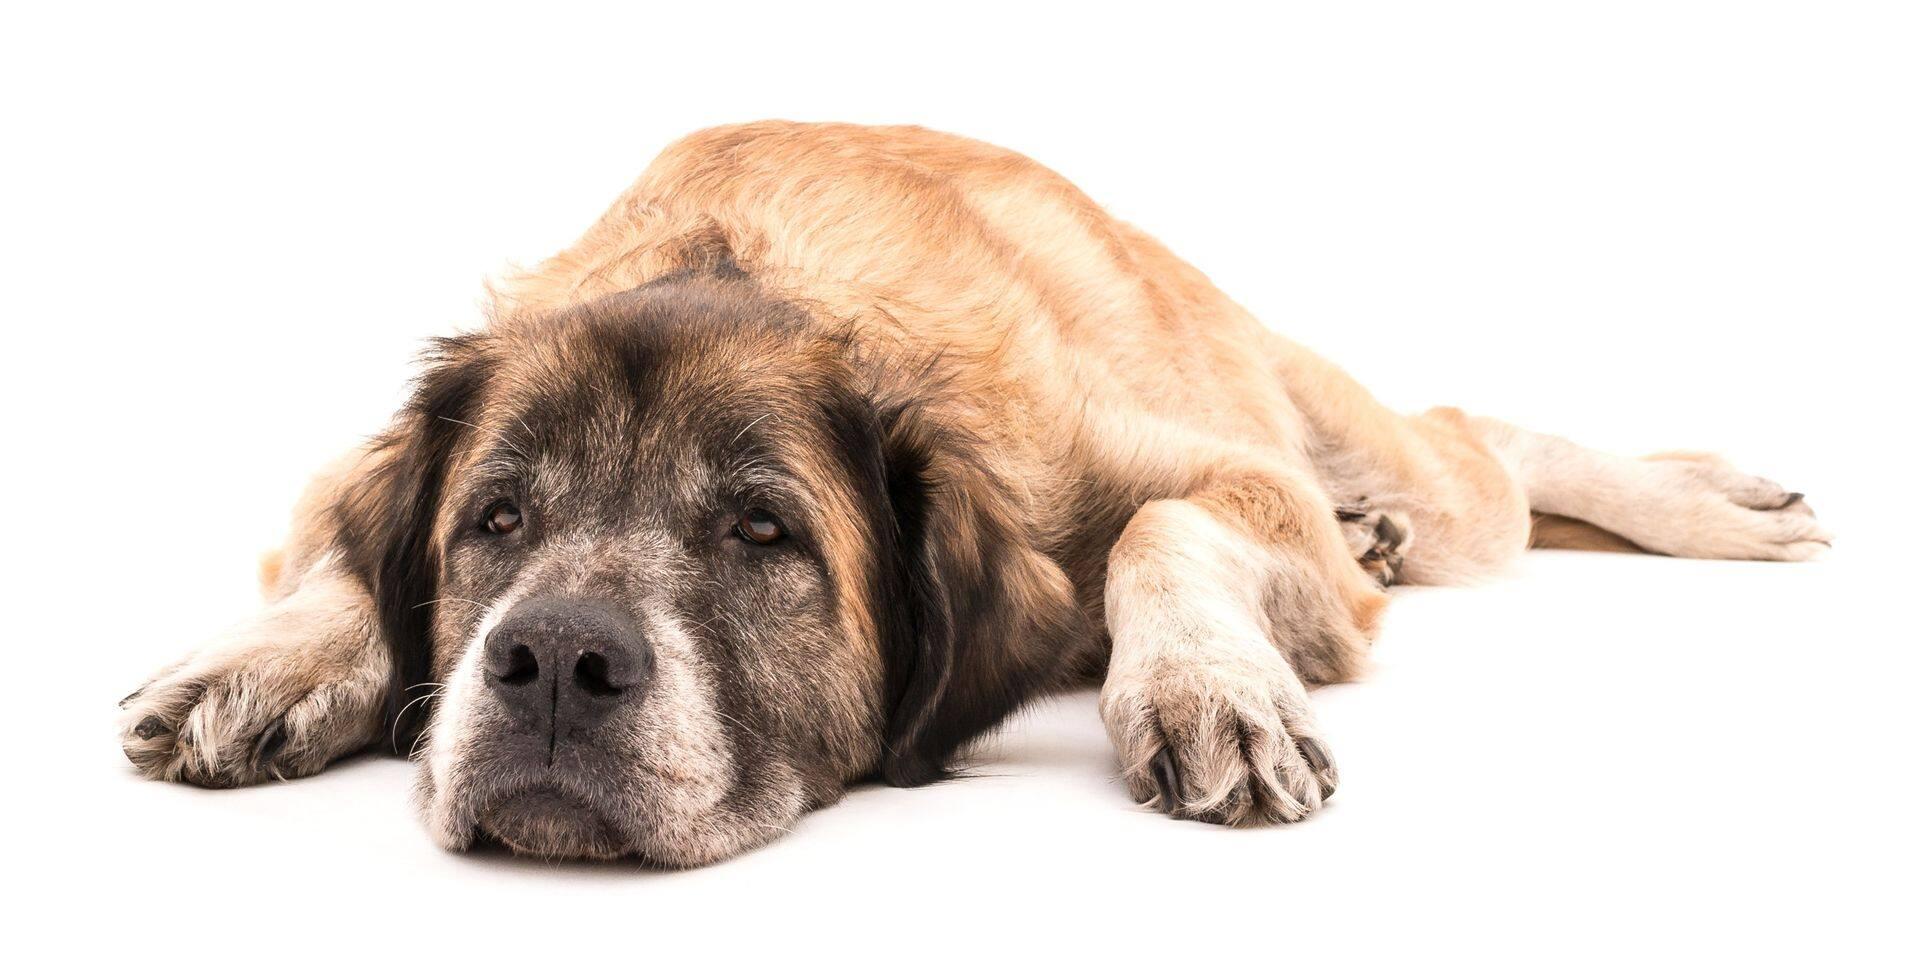 Votre chien pourrait être plus vieux que vous le pensiez